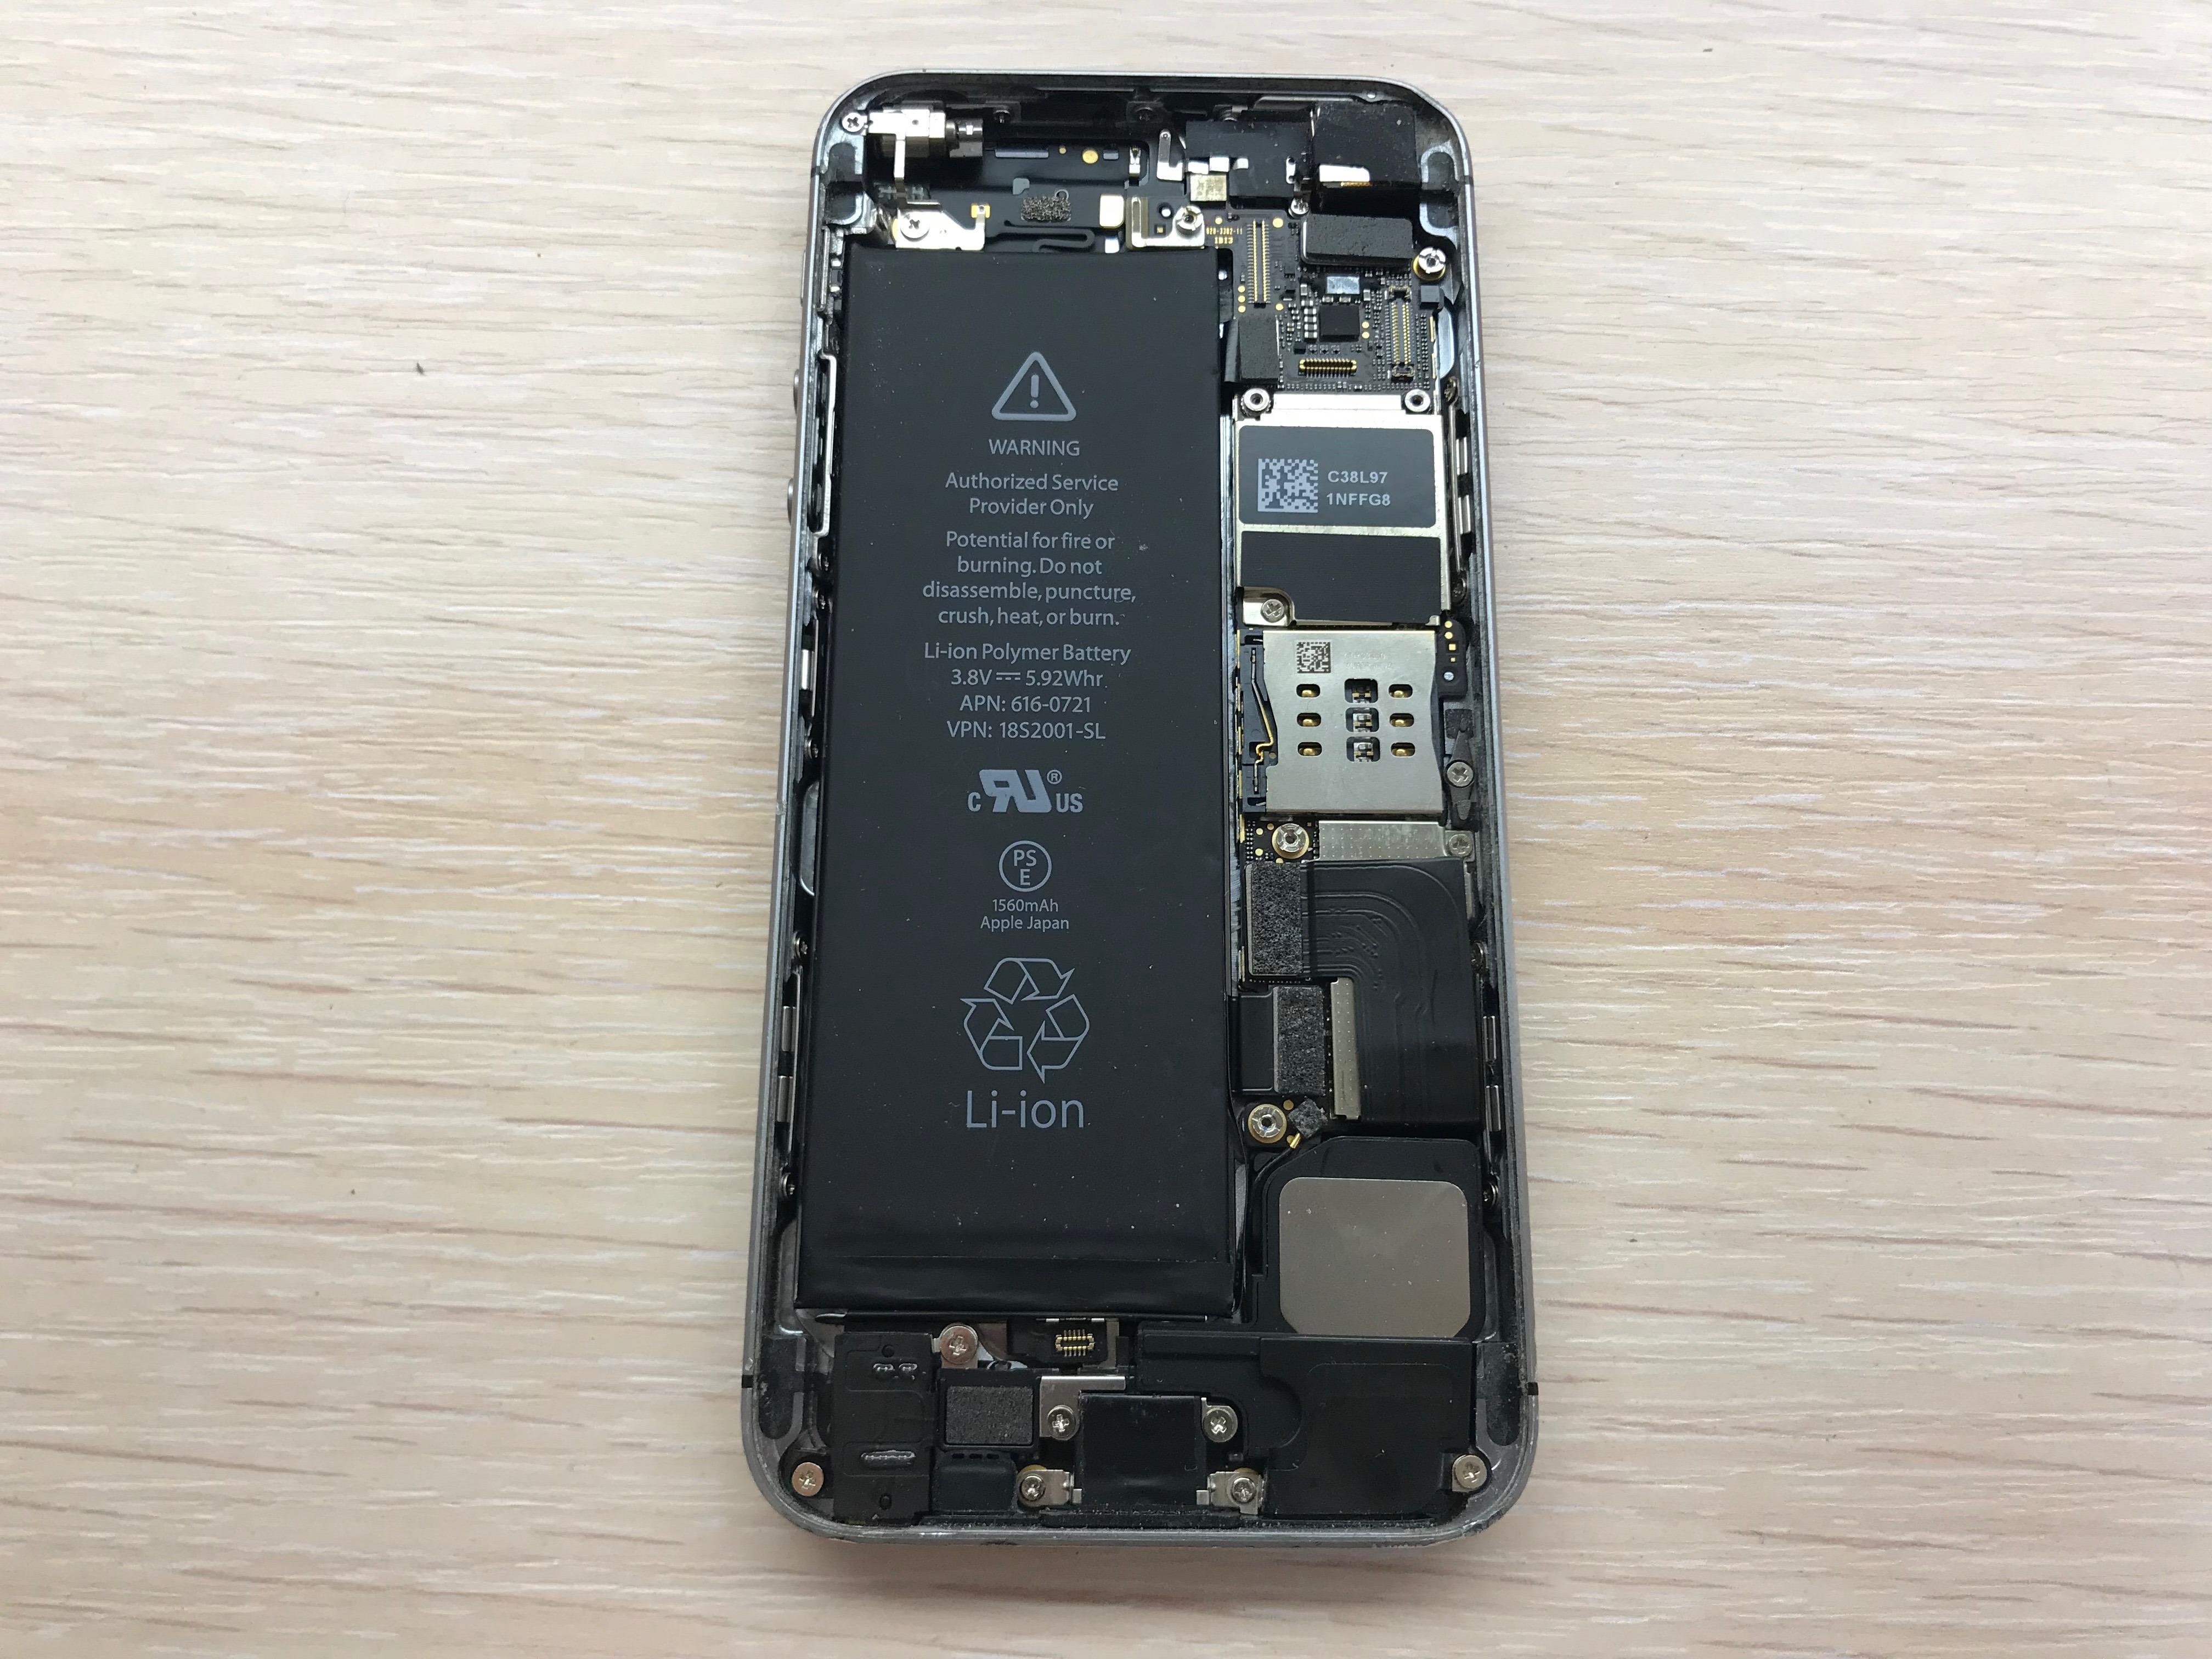 замена акб iphone 5s цена